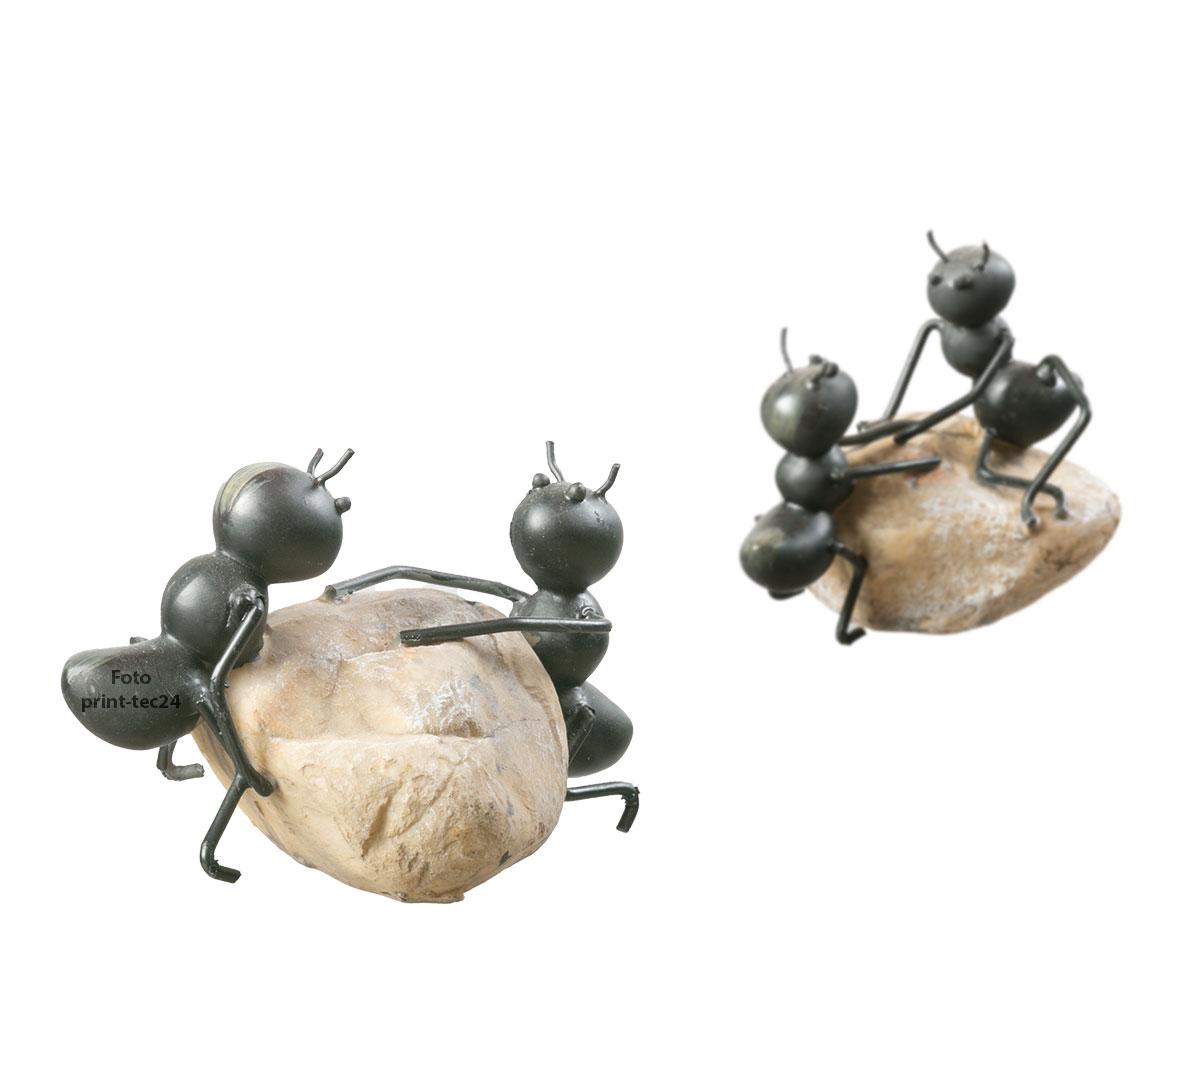 pflanztreppe metall braun pflanzregal pflanzleiter blumenbank 3 stufen garten ebay. Black Bedroom Furniture Sets. Home Design Ideas